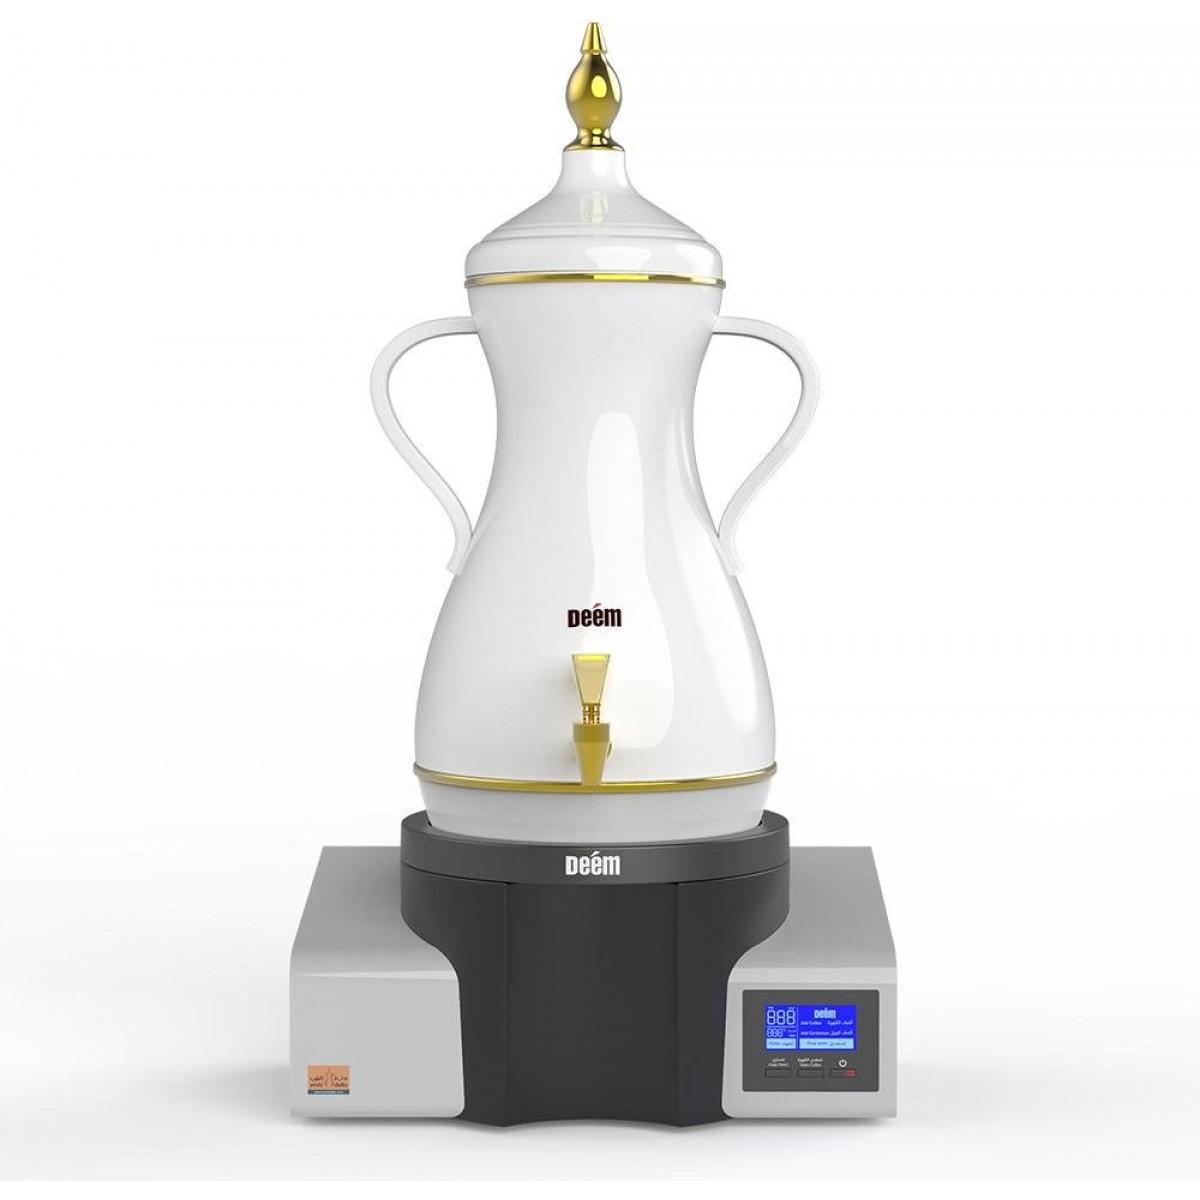 دلة الضيوف, من ديم , صانعة القهوة العربية، 7 لتر، أبيض / رمادي